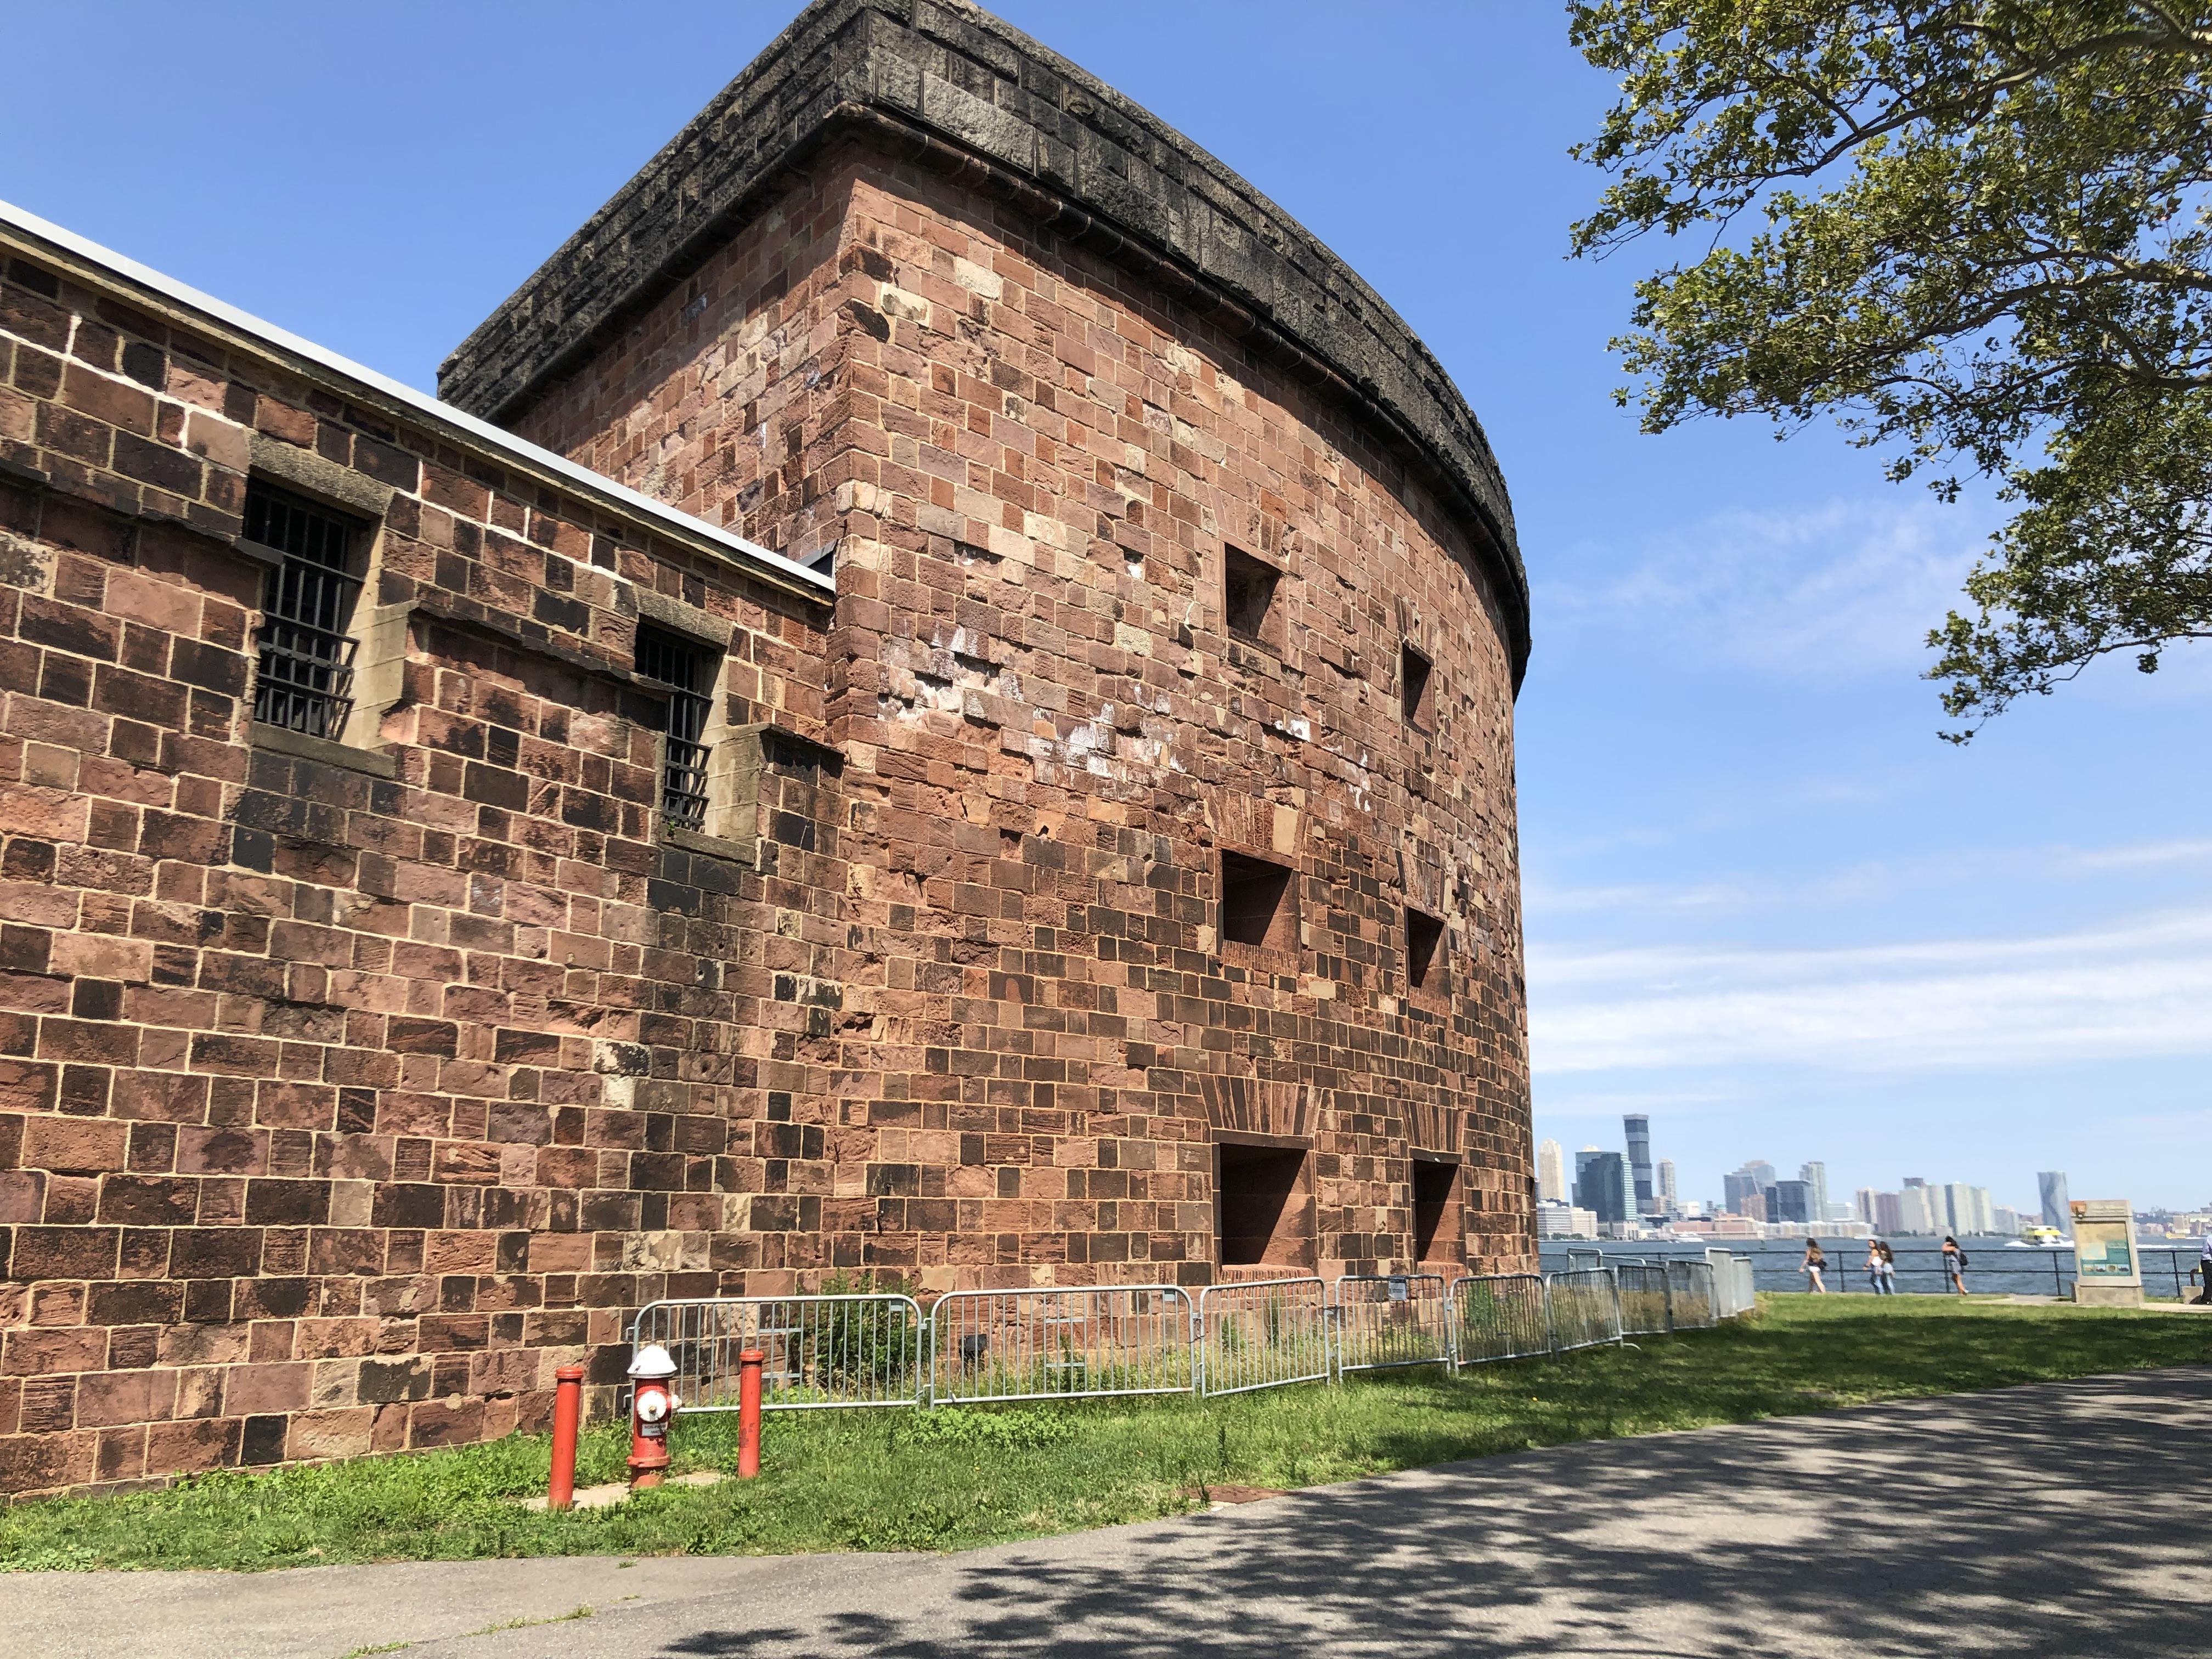 Un'alternativa al traffico di New York: Governors Island